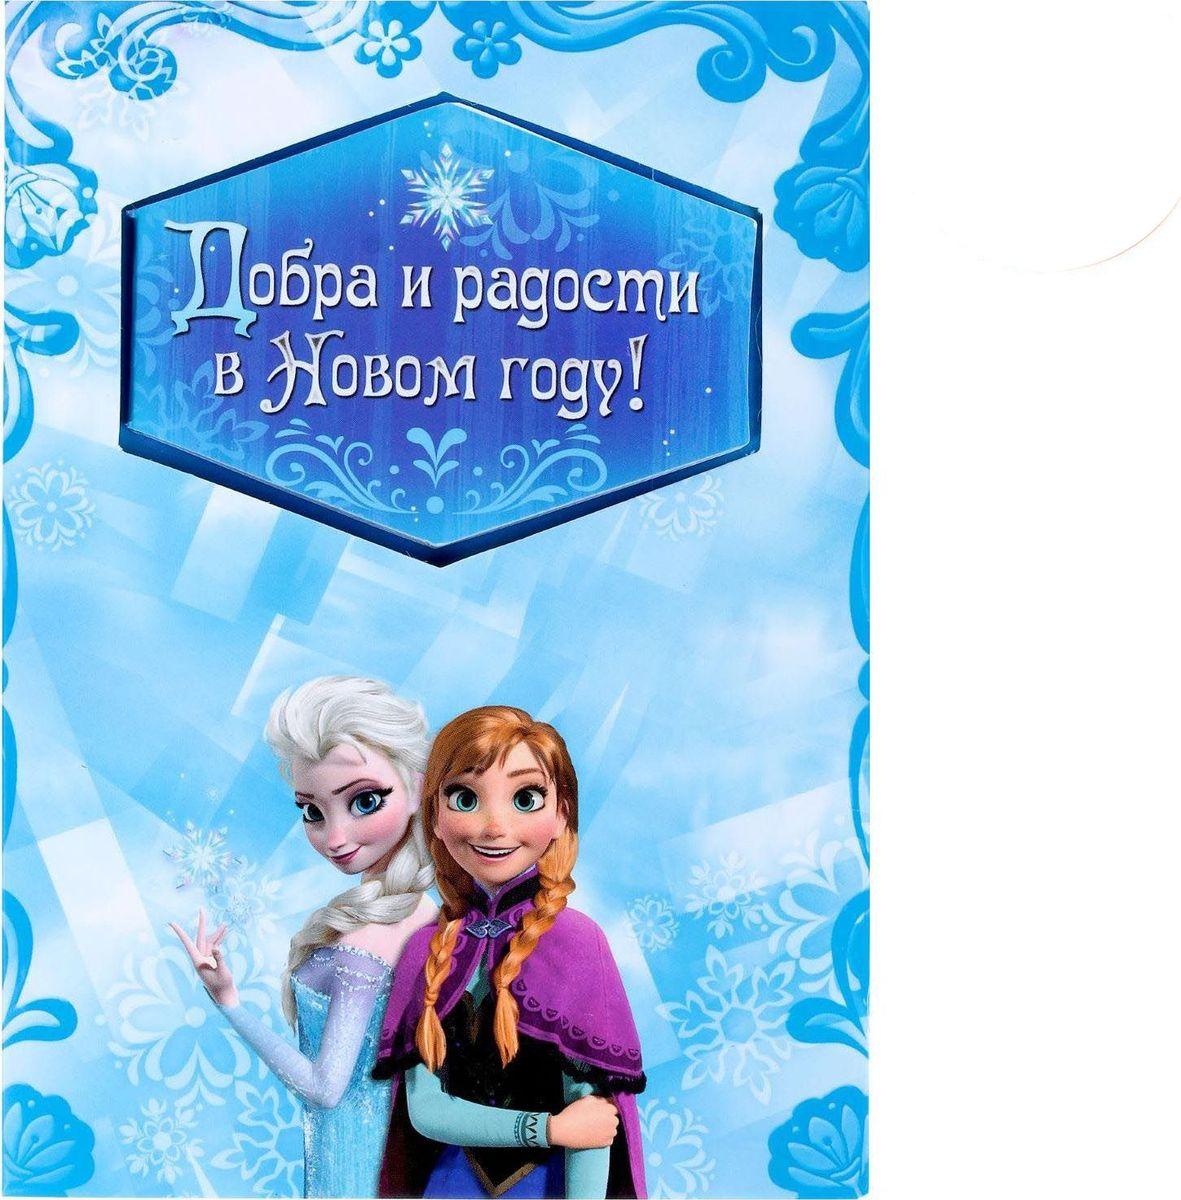 Disney Набор с блокнотом и открыткой Холодное сердце Добра и радости в новом году1381857Писать заметки веселее с Disney! Открытка с блокнотом Добра и радости в новом году! — прекрасный подарок для малышей. Любимые герои мультфильмов сделают любой день юного владельца чуточку лучше. Ведь так здорово писать заметки, разглядывая очаровательные картинки! Блокнот надежно сохранит список дел или контактов, а открытка с пожеланием и добрыми словами будет спустя годы радовать подросшего малыша. Внутри есть специальное поле для имени получателя и личных пожеланий дарителя.